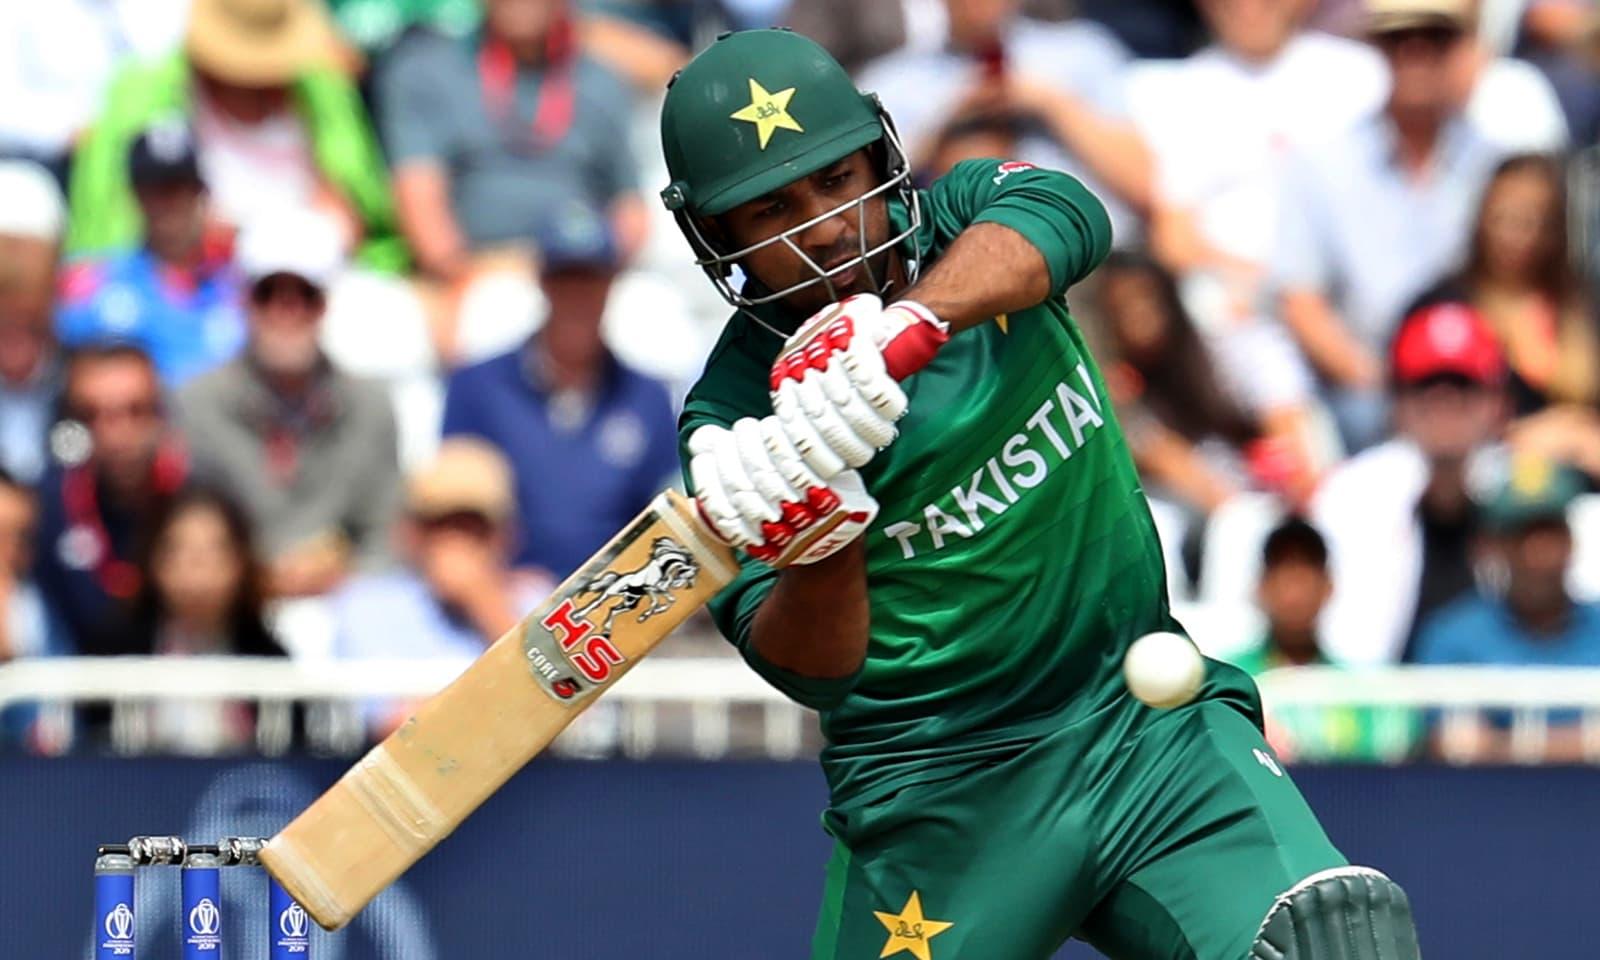 کپتان سرفراز احمد نے 44 گیندوں پر 55 رنز کی اننگز کھیلی — فوٹو: اے پی